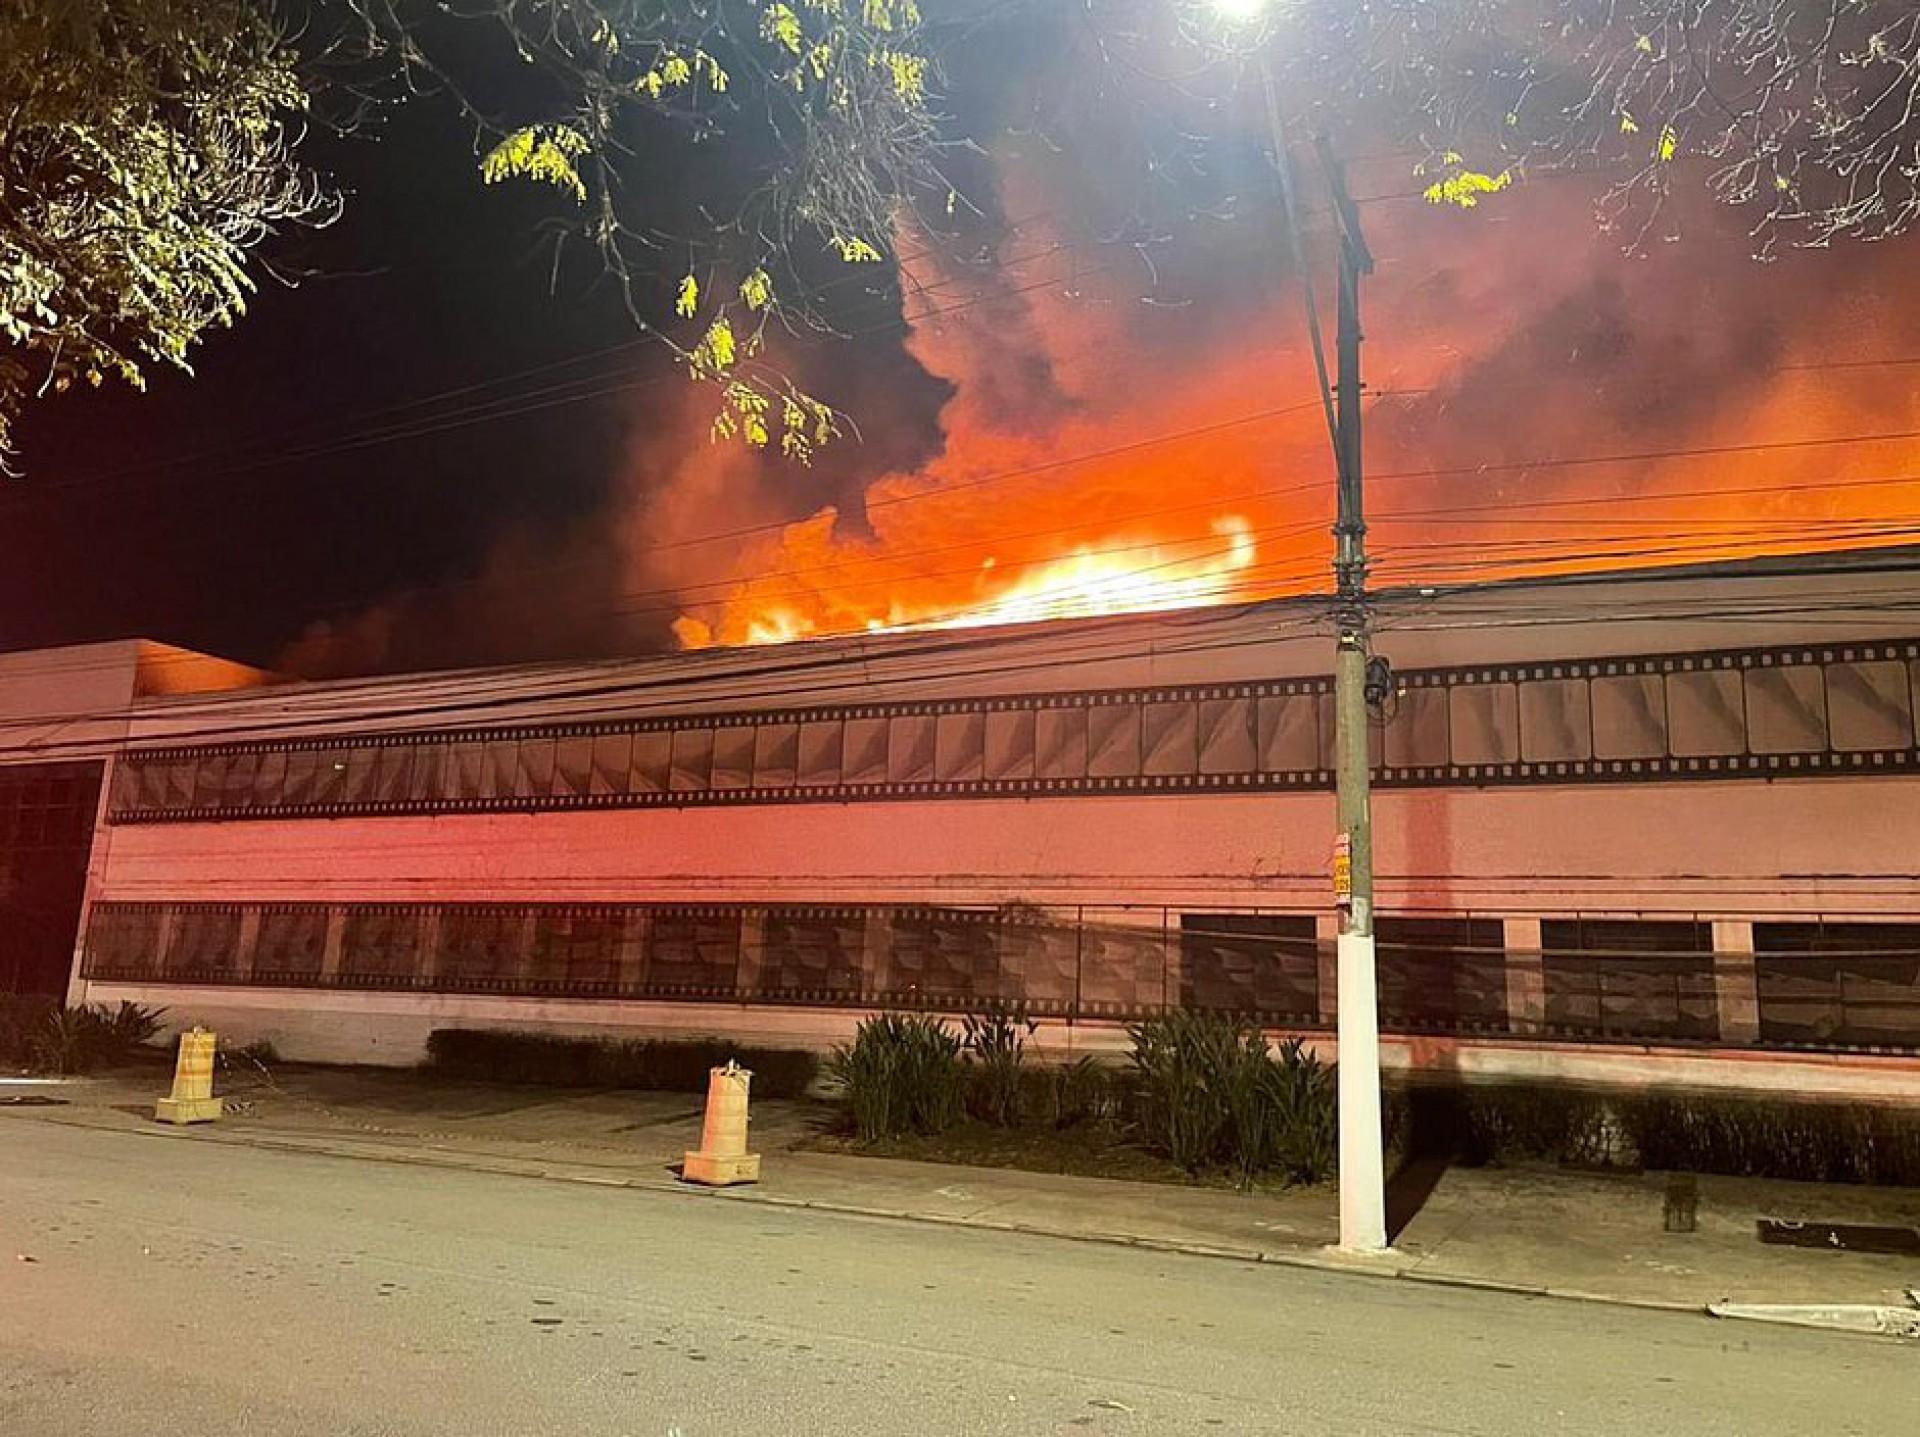 Cinemateca já havia sido atingida por incêndio em 2016 e por enchente em 2020 (Foto: Redes sociais/Reprodução)